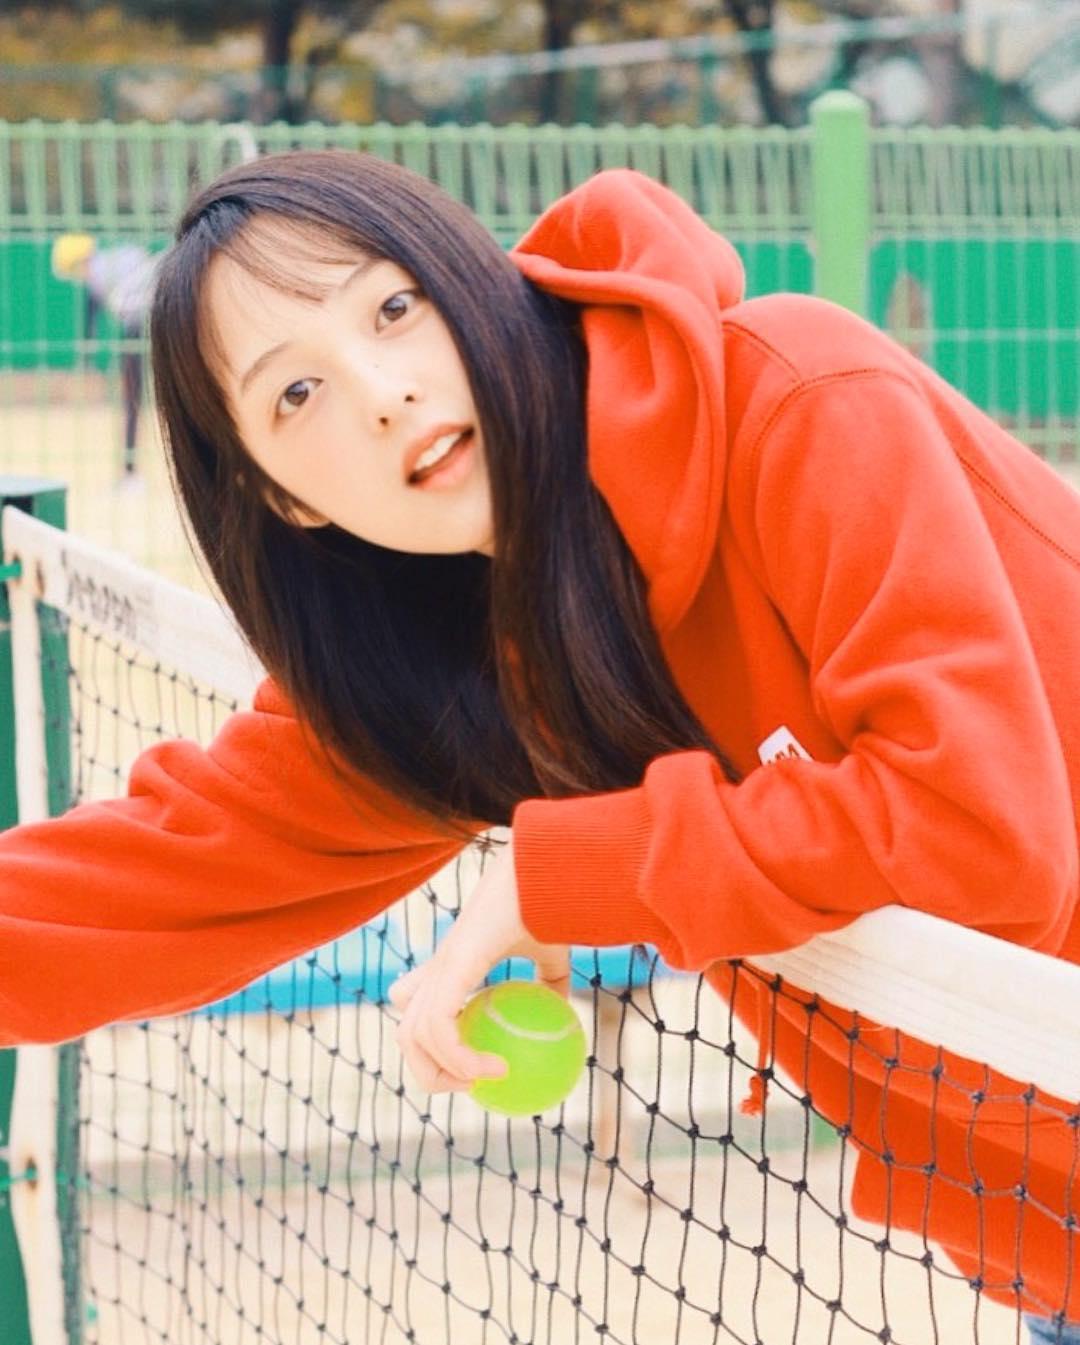 话题韩剧《天空之城》新生代女演员大盘点,原来她们私下这么漂亮插图10